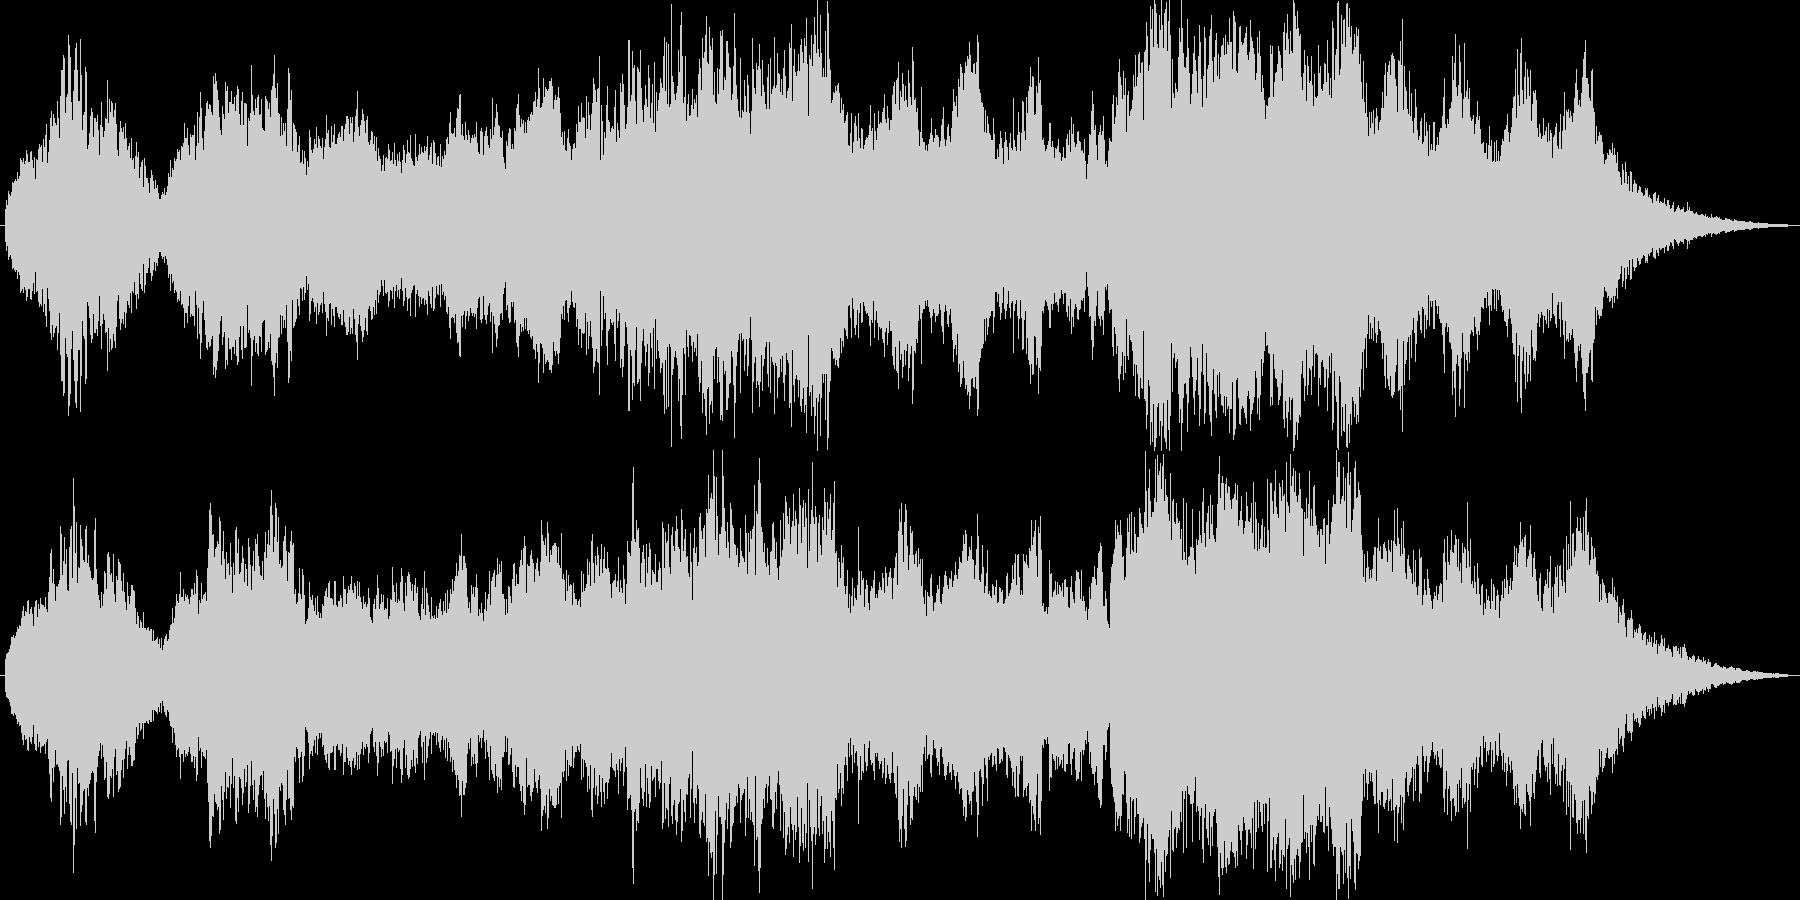 幻想さと気だるさの環境系音楽の未再生の波形